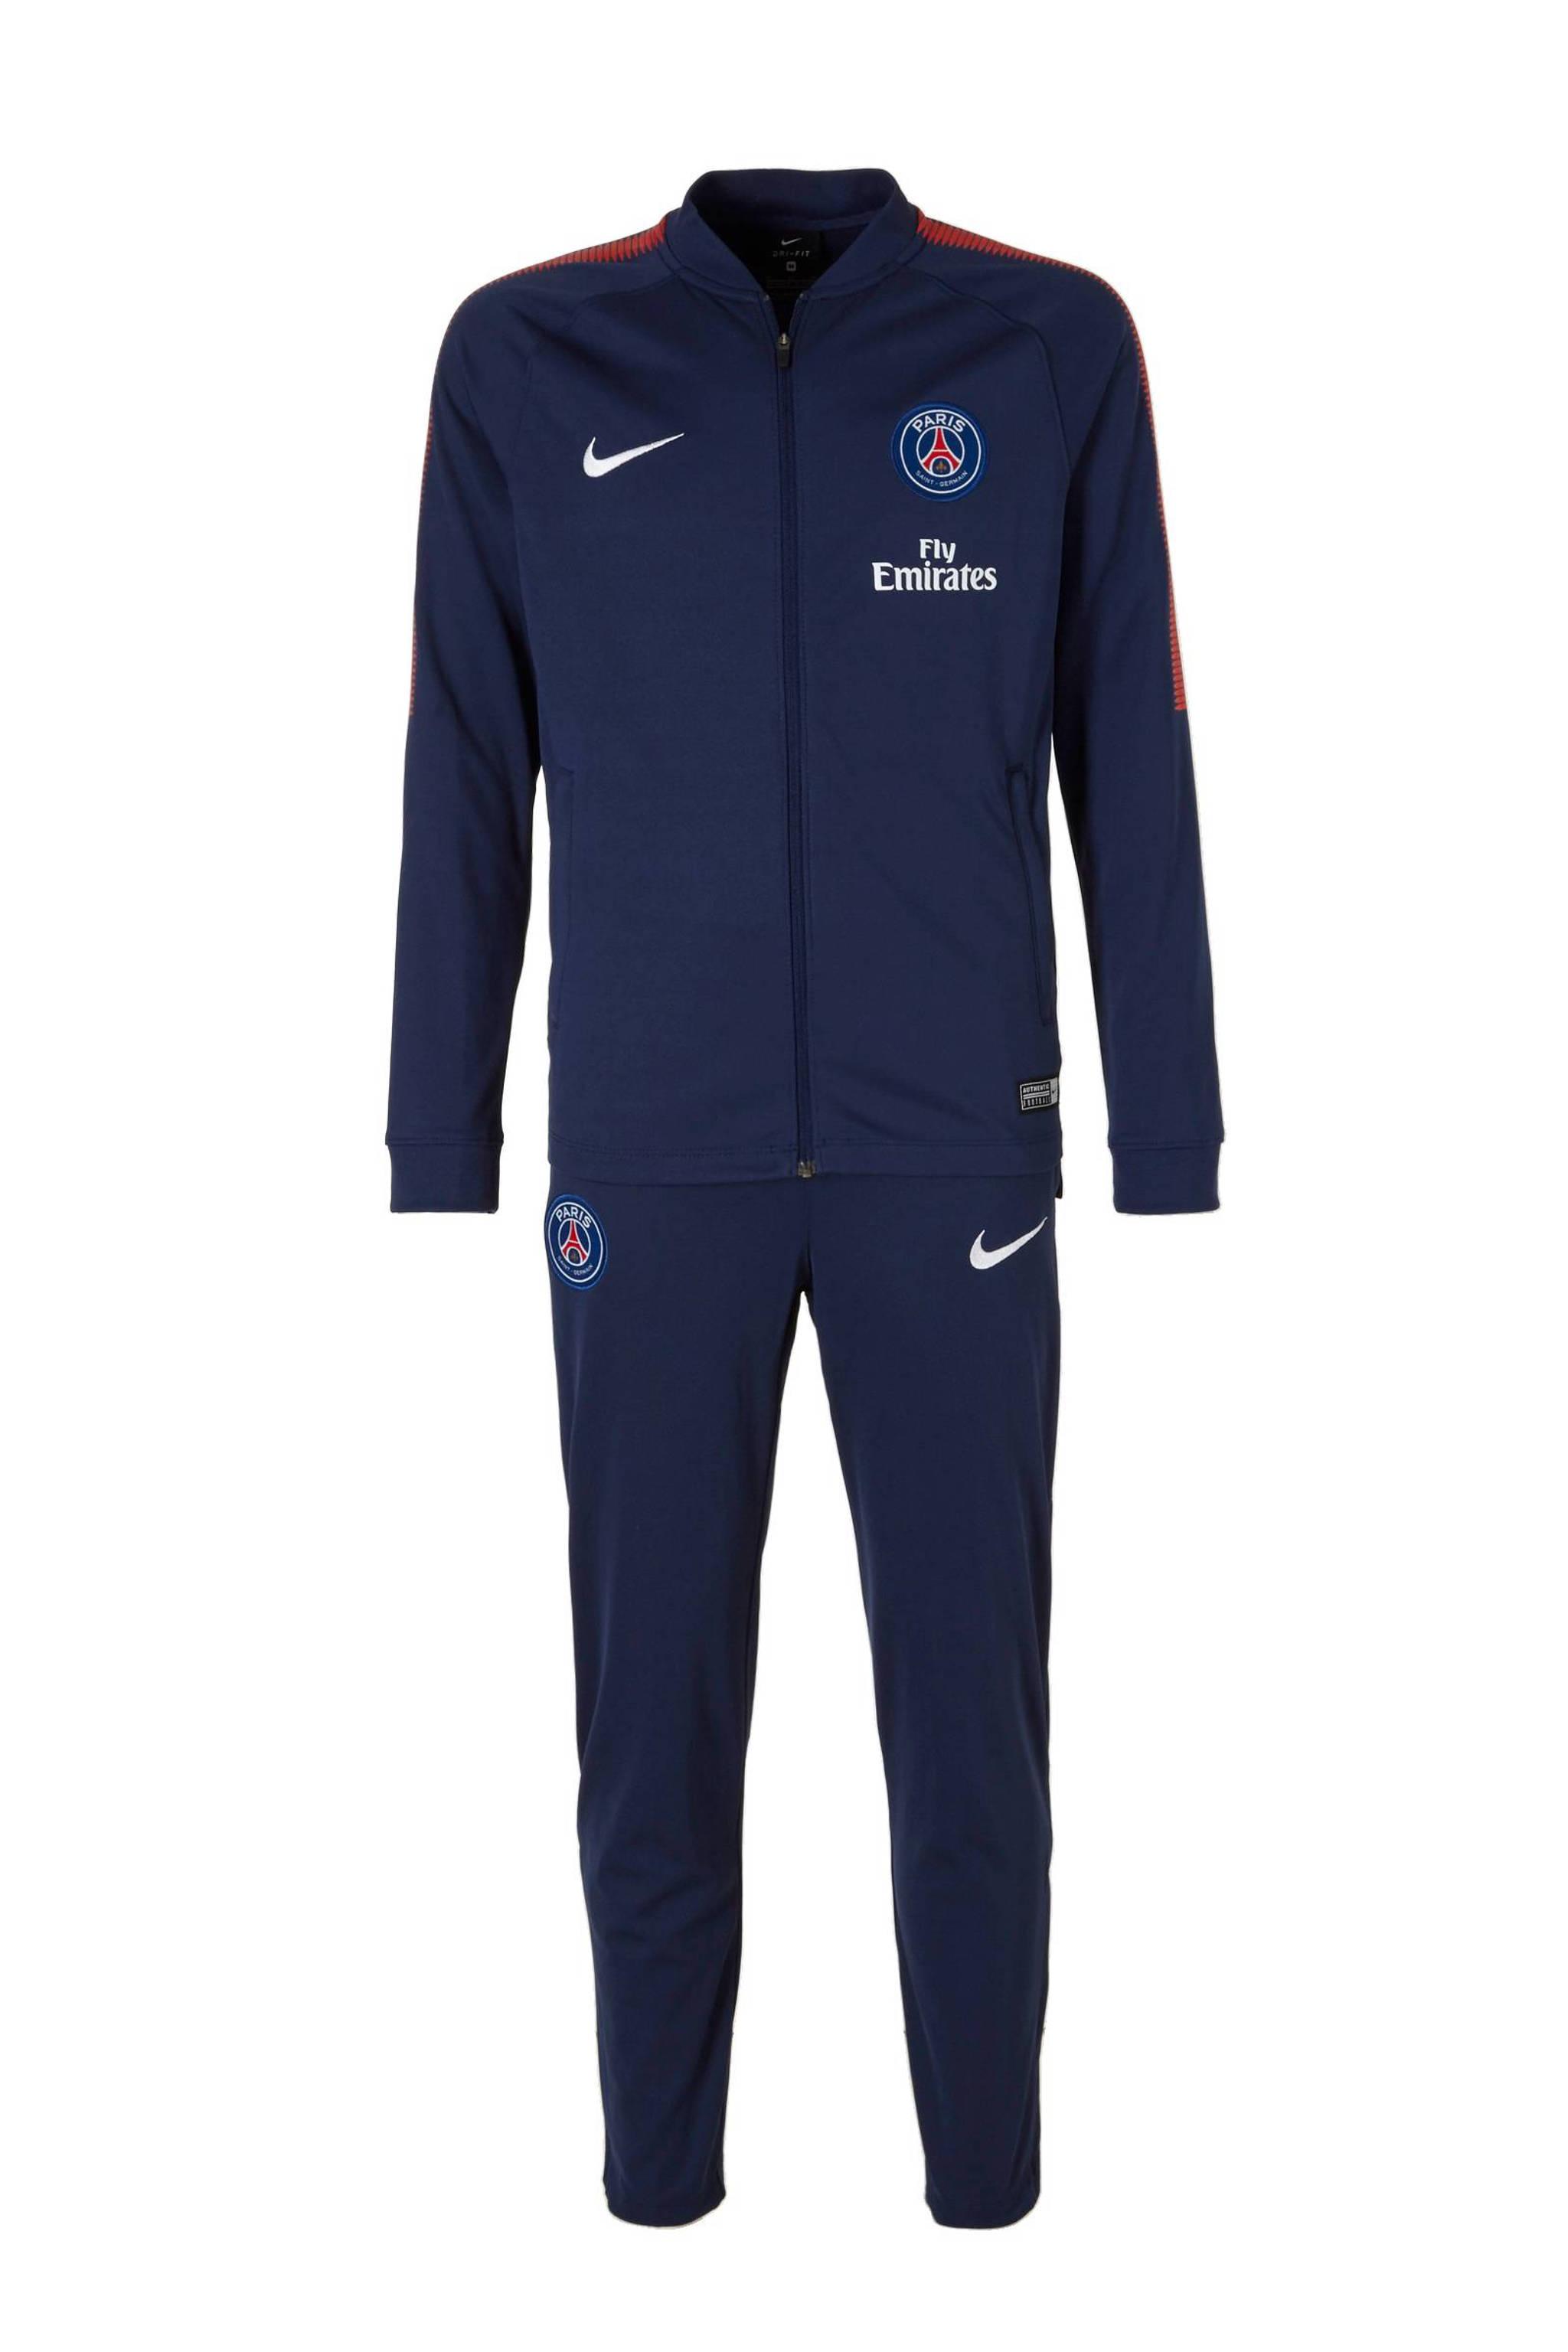 Nike Junior Paris Saint Germain Trainingspak Wehkamp